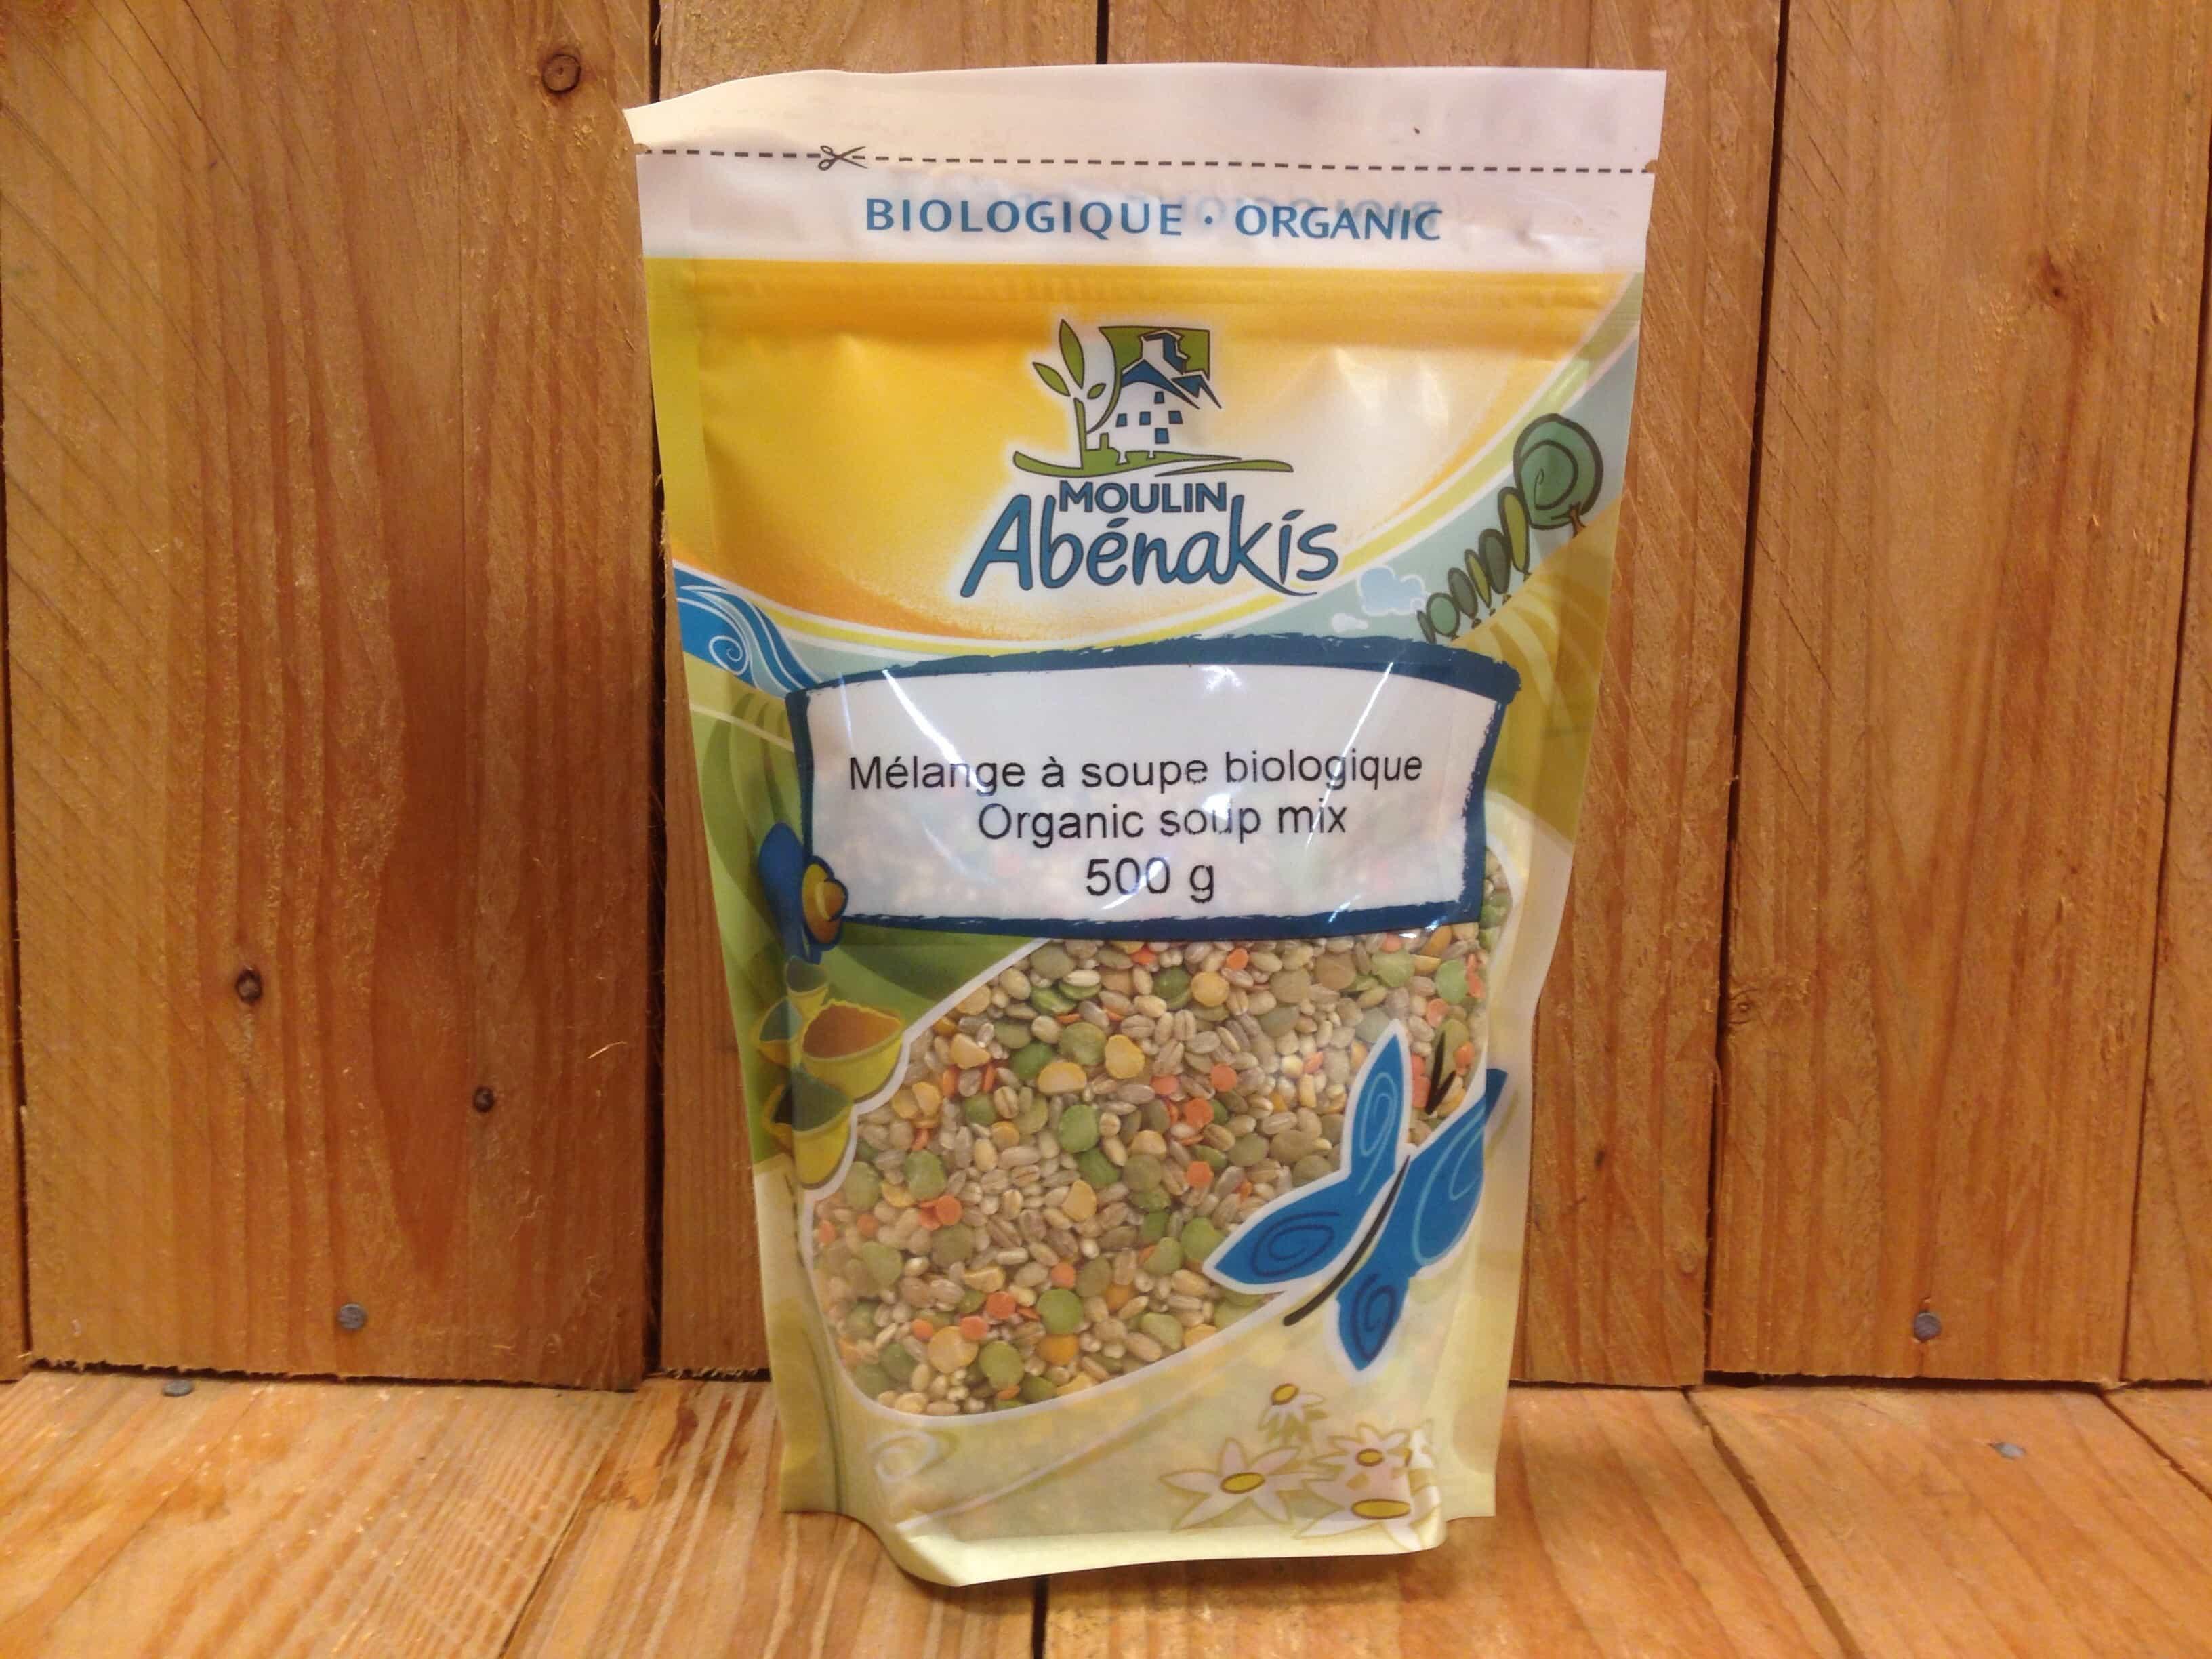 Abenakis – Organic Soup Mix (500g Bag)